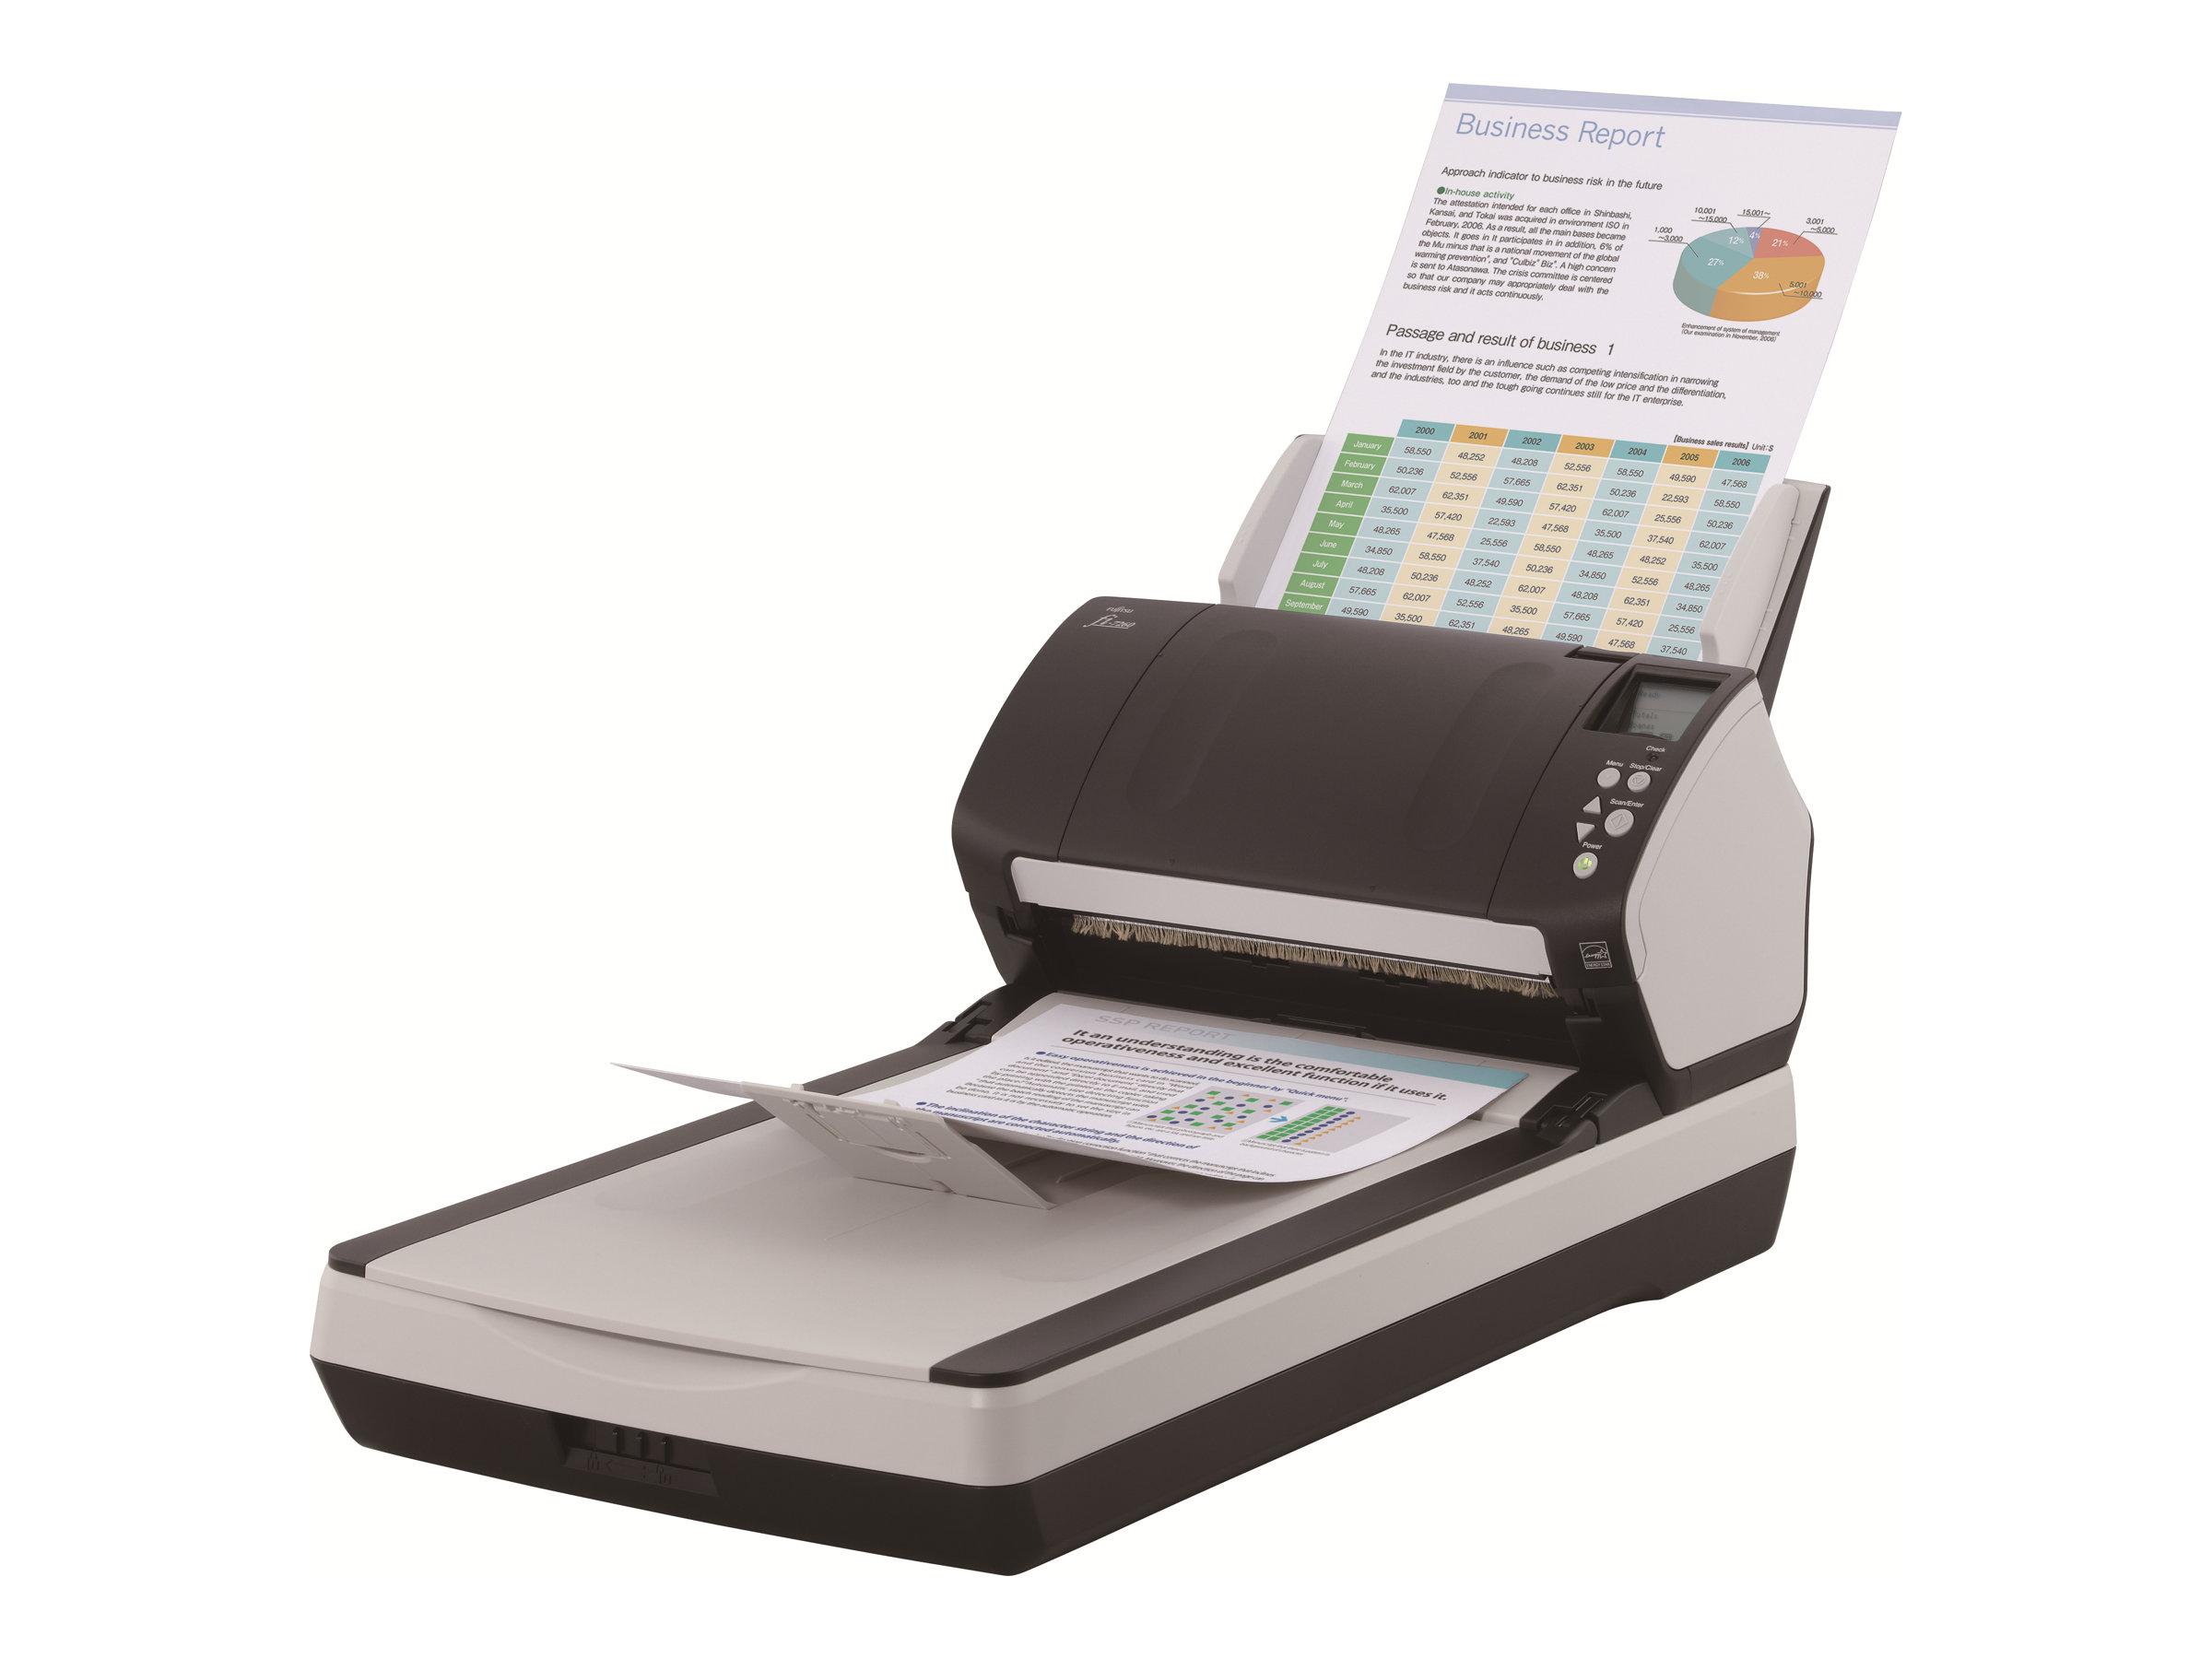 Fujitsu fi-7260 - Dokumentenscanner - Duplex - 216 x 355.6 mm - 600 dpi x 600 dpi - bis zu 60 Seiten/Min. (einfarbig) / bis zu 6